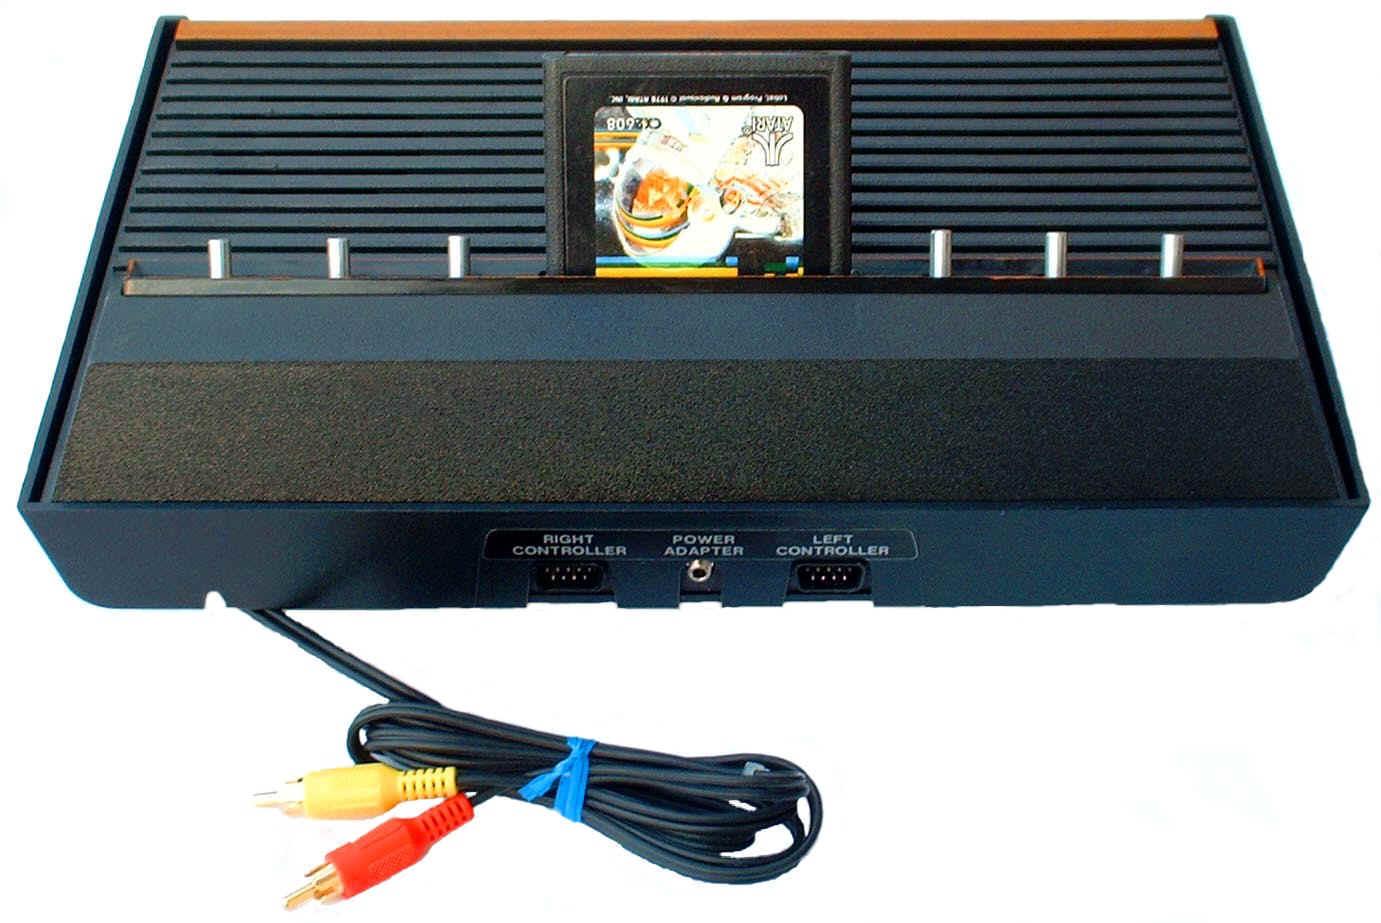 2600 Tech Tips Atari Controller Wiring Diagram on xbox 360 wiring diagram, playstation 2 wiring diagram, playstation 3 wiring diagram, super nintendo wiring diagram, dualshock 2 wiring diagram,